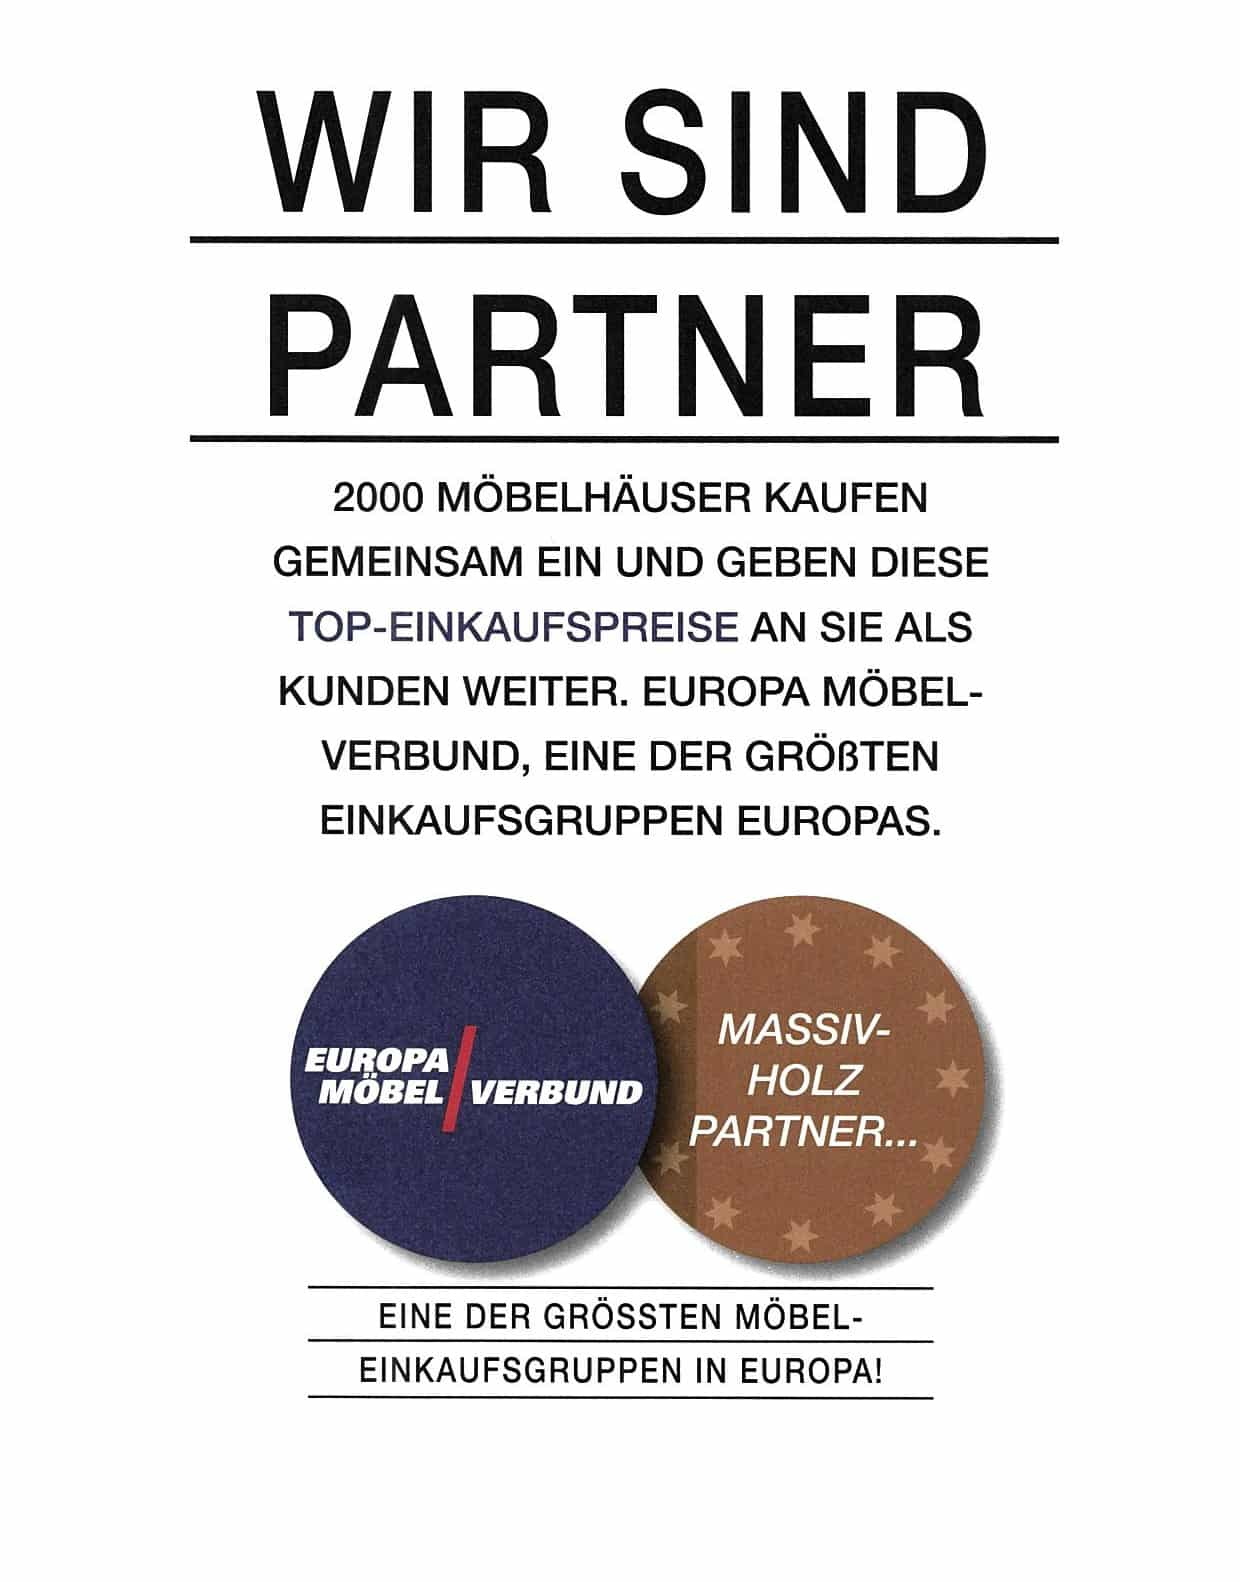 Partner des EMVs